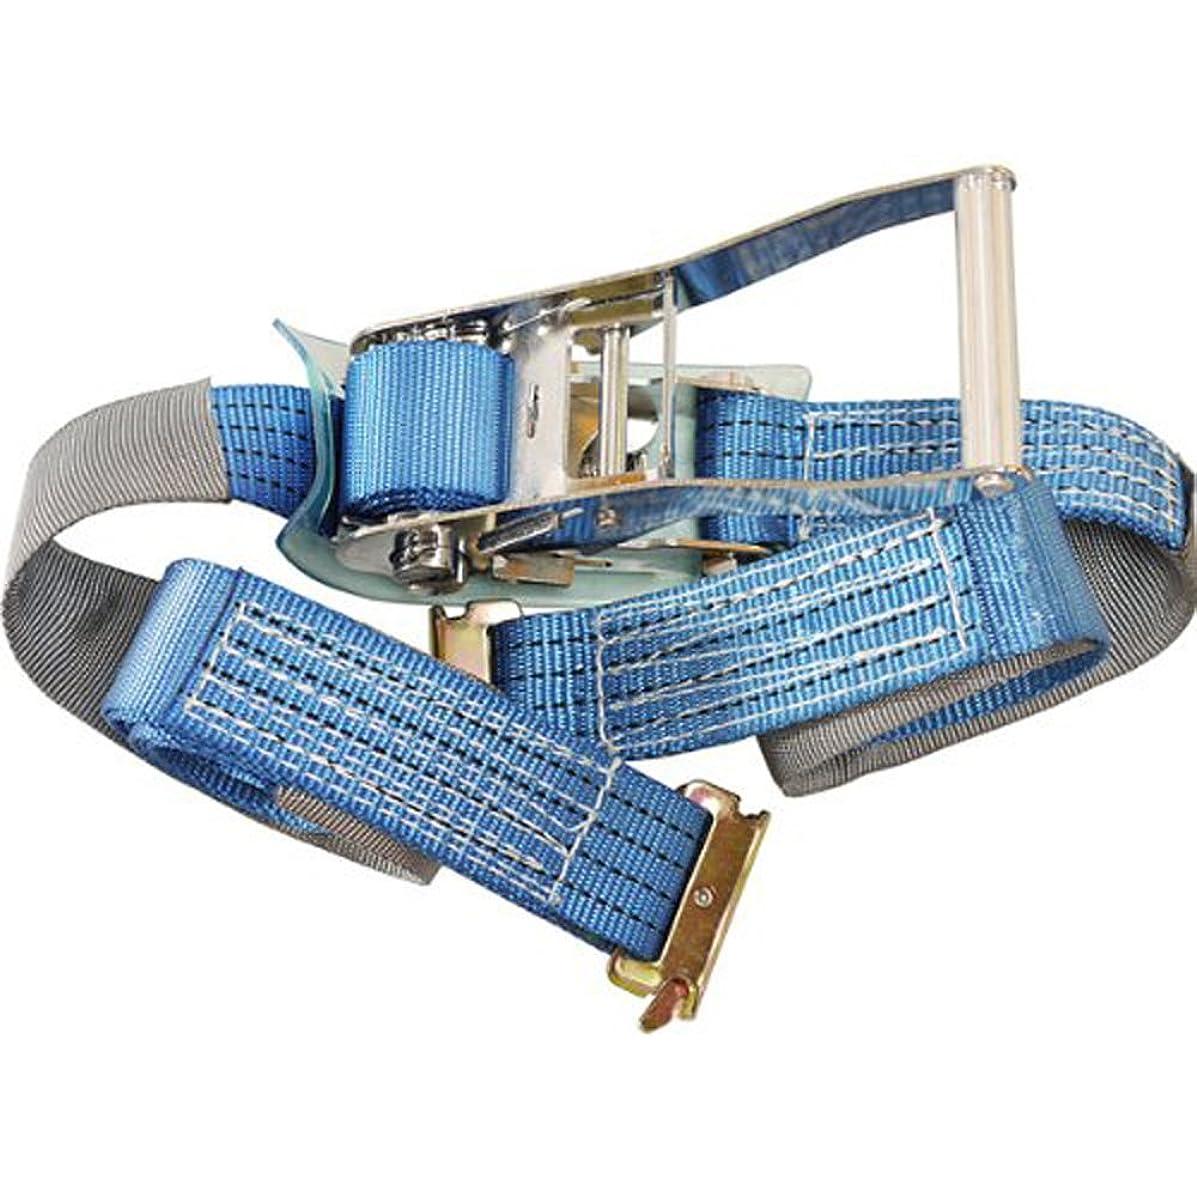 祝福下に向けますすすり泣きスリングベルト ベルトスリング 全長約6m 荷揚げ 吊り上げ 吊り下げ 玉掛け ナイロンスリング ナイロンスリングベルト 吊りベルト 繊維ベルト 建築 土木 造園 固定 運搬 引っ張り 牽引 sl-belt